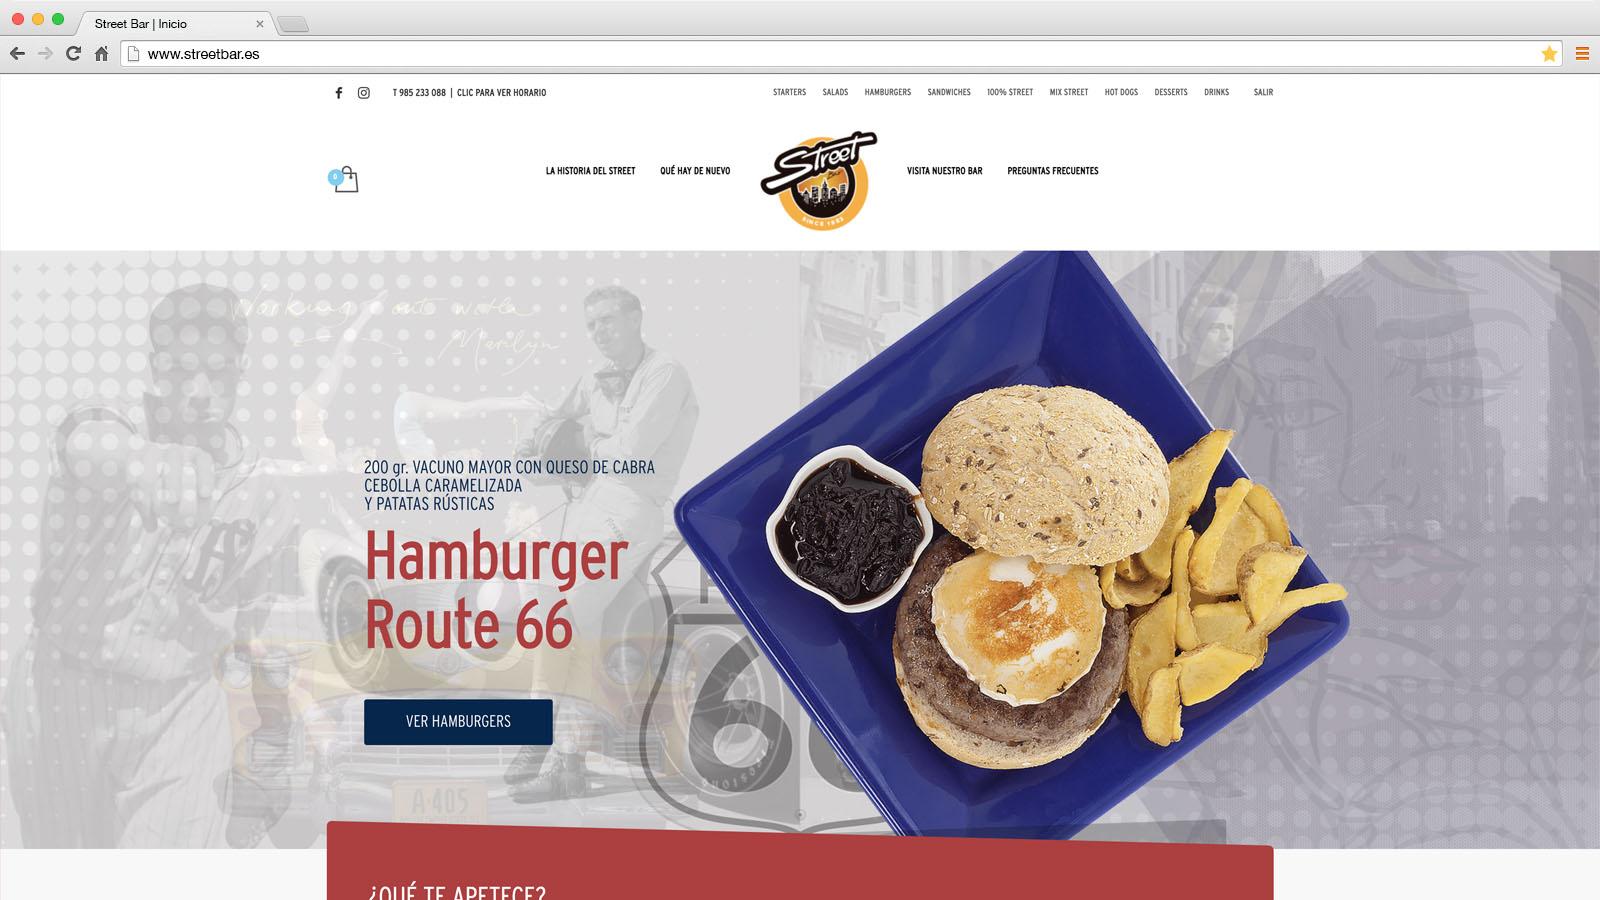 Website Street Bar - víctor merino | vídeo marketing online